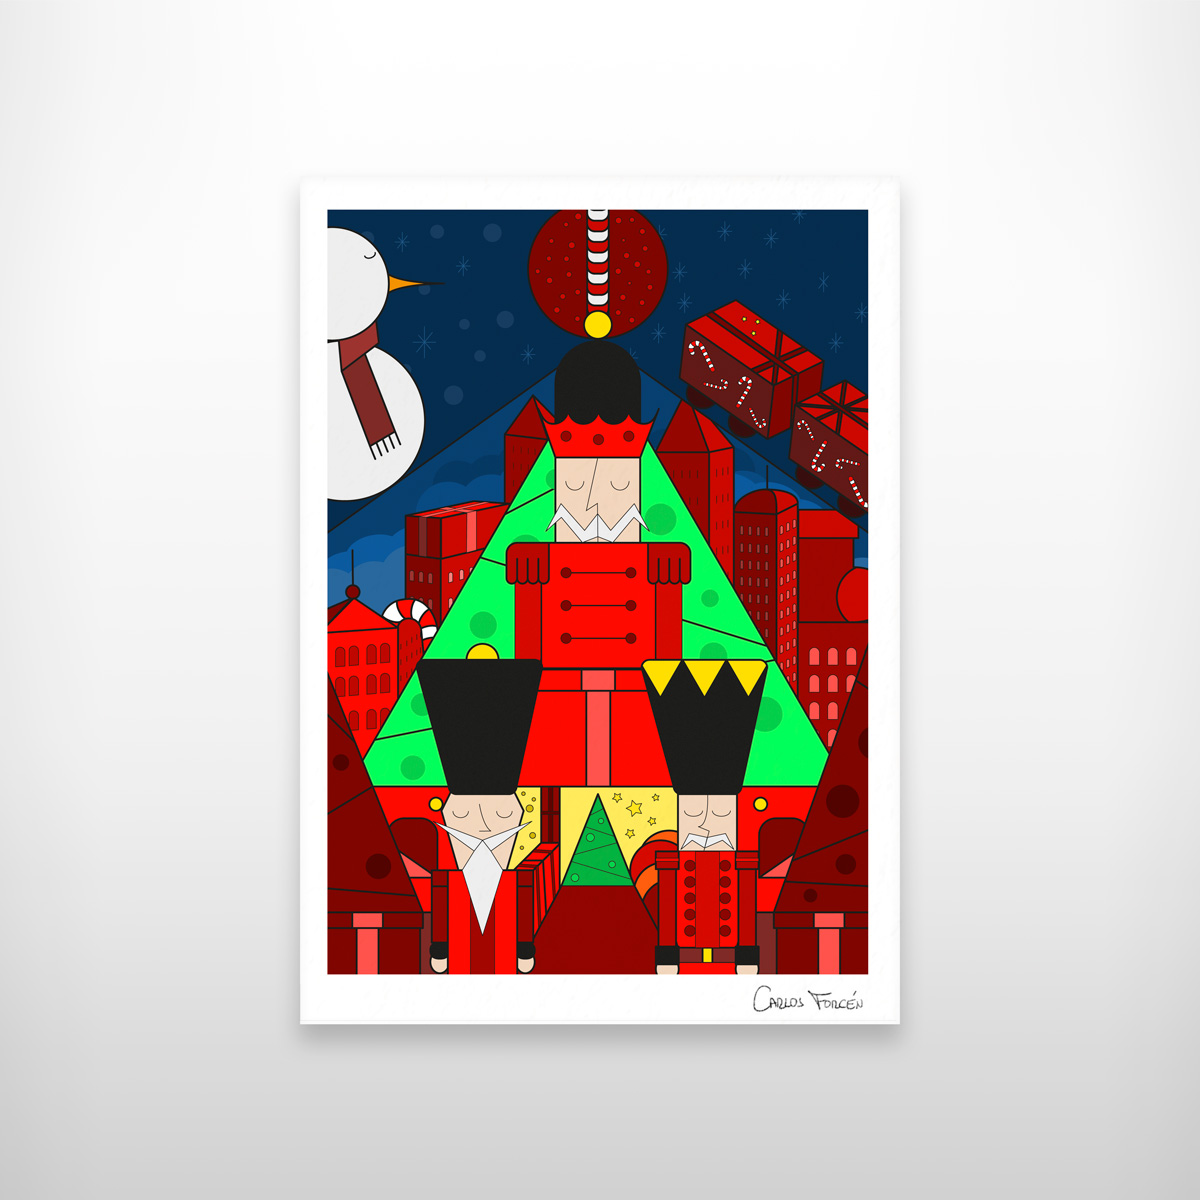 The Nutcrackers - Carlos Forcen Ilustracion exposicion